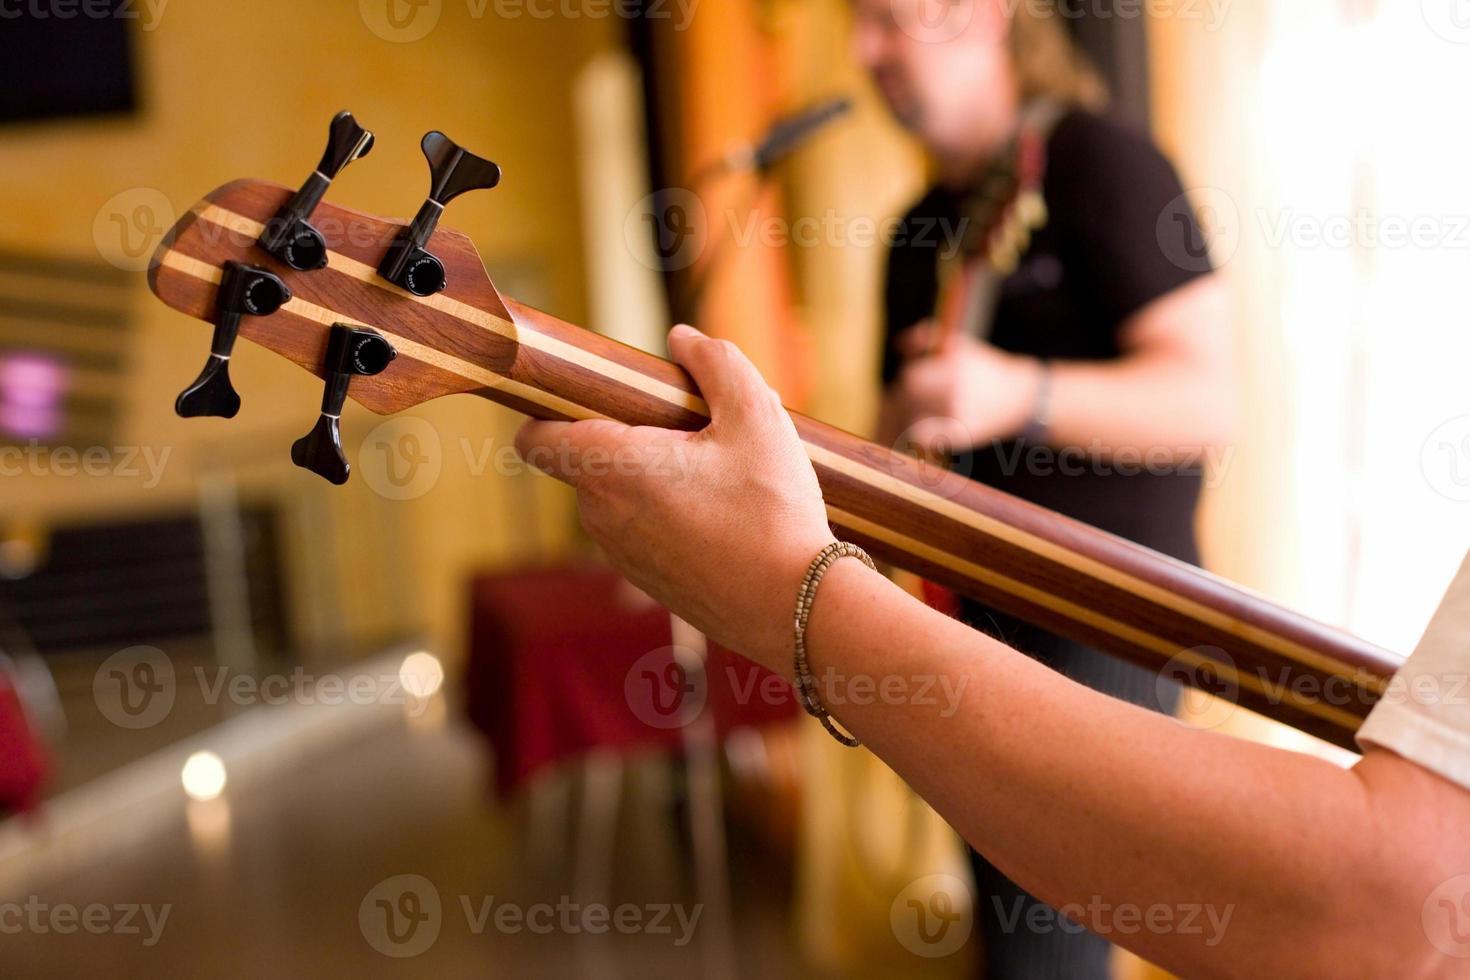 musicien joue de la guitare basse # 2 photo